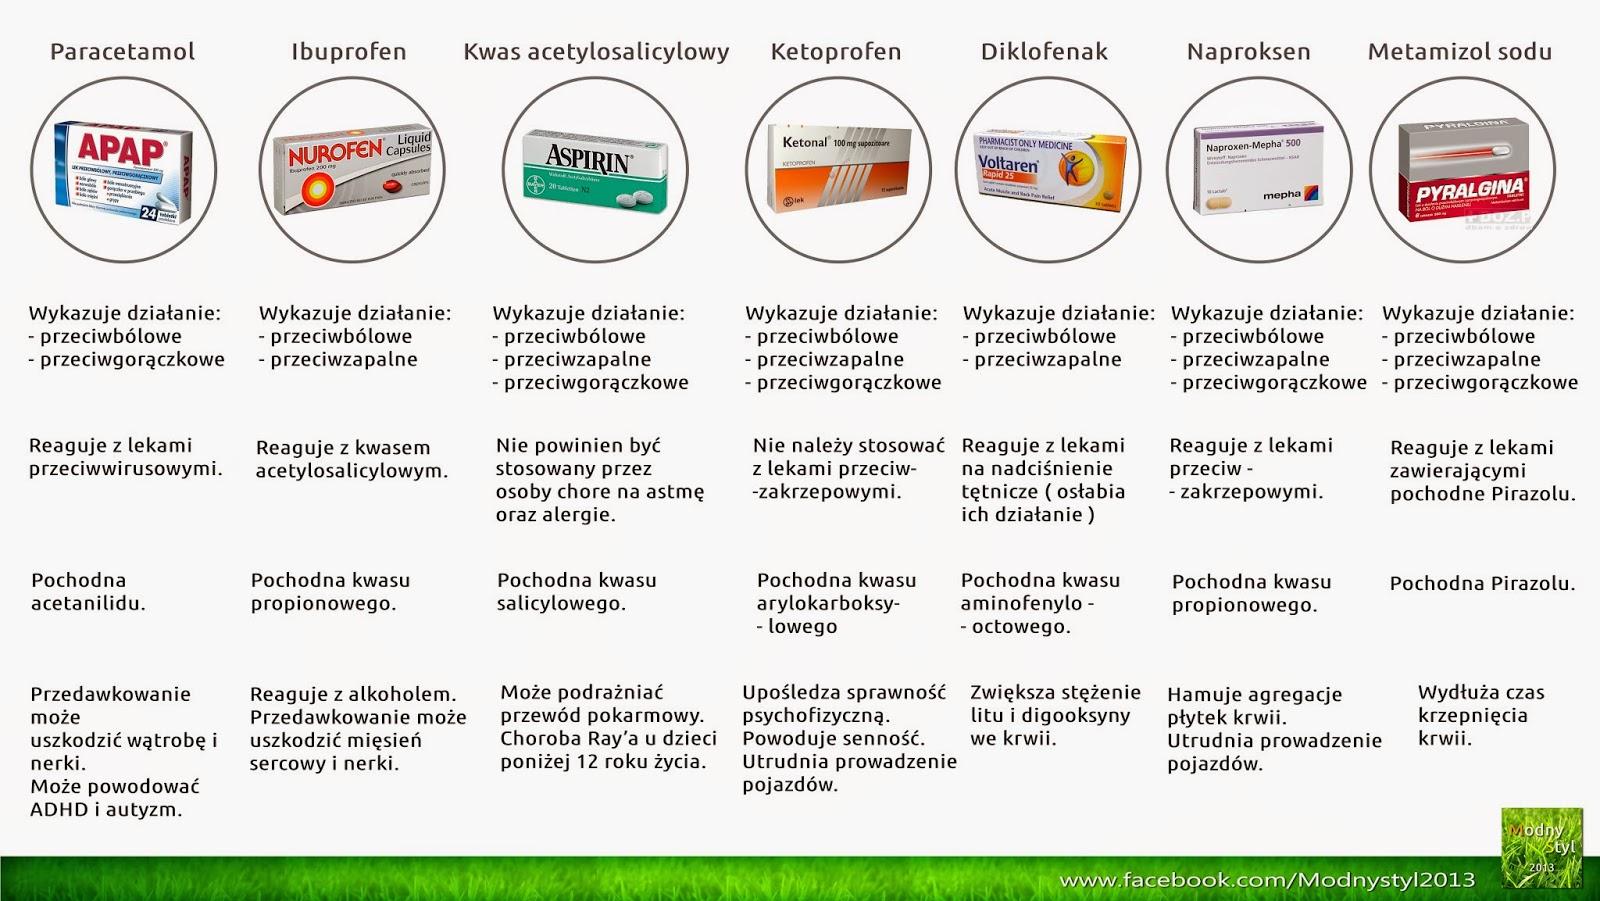 Zestawienie popularnych leków przeciwbólowych oraz przeciwzapalnych